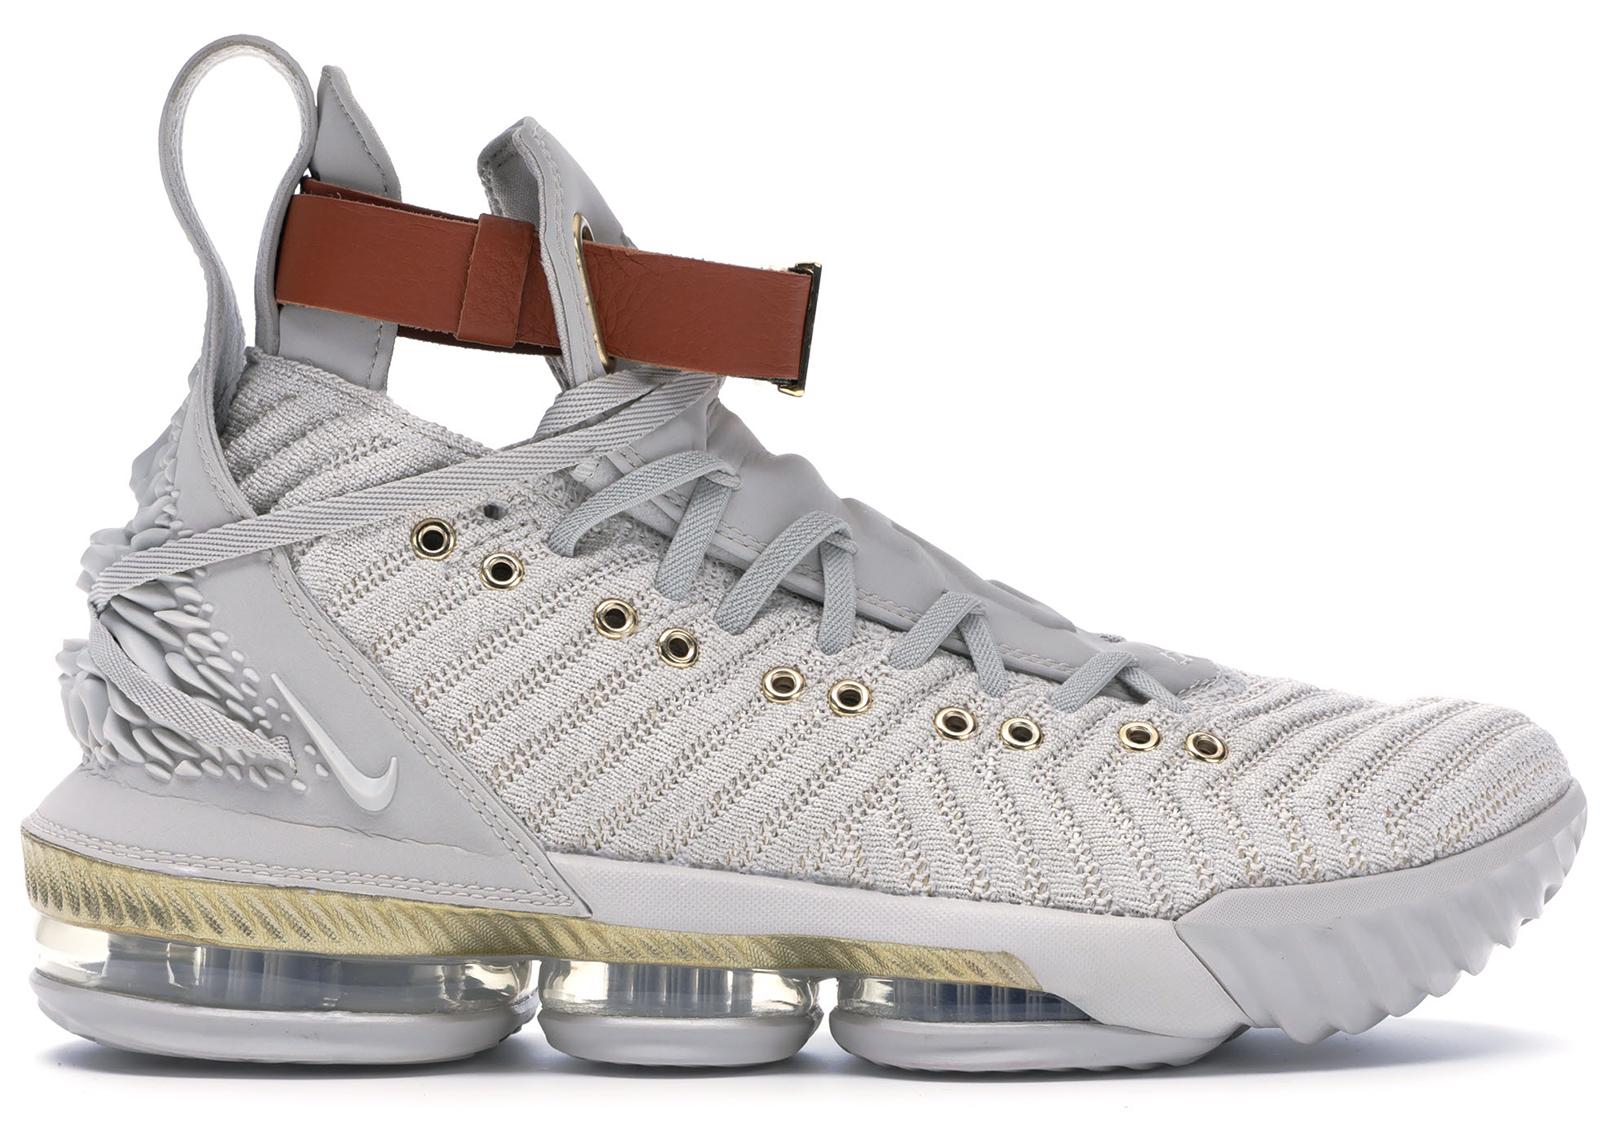 Nike LeBron 16 HFR (W) - BQ6583-100